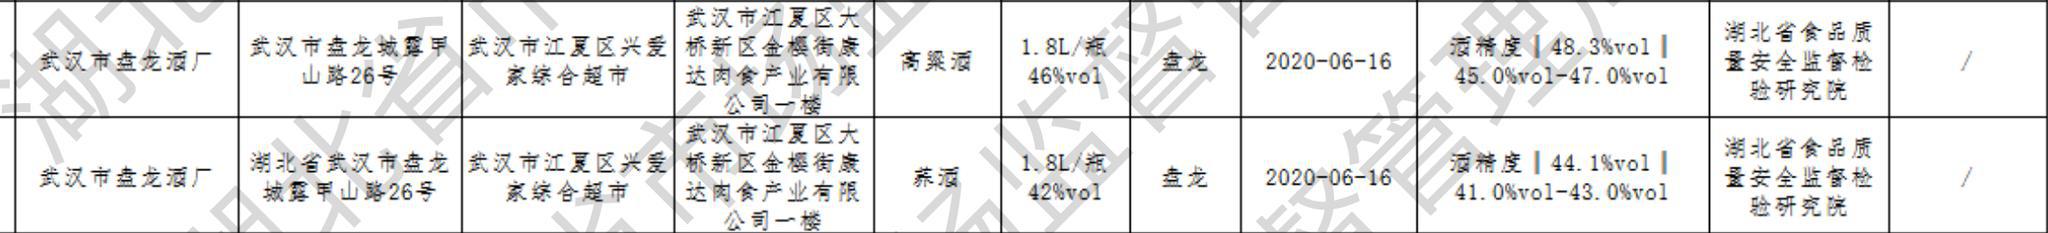 """武汉盘龙酒厂两批次产品酒精度不合格,此前曾多次上""""黑榜""""图片"""